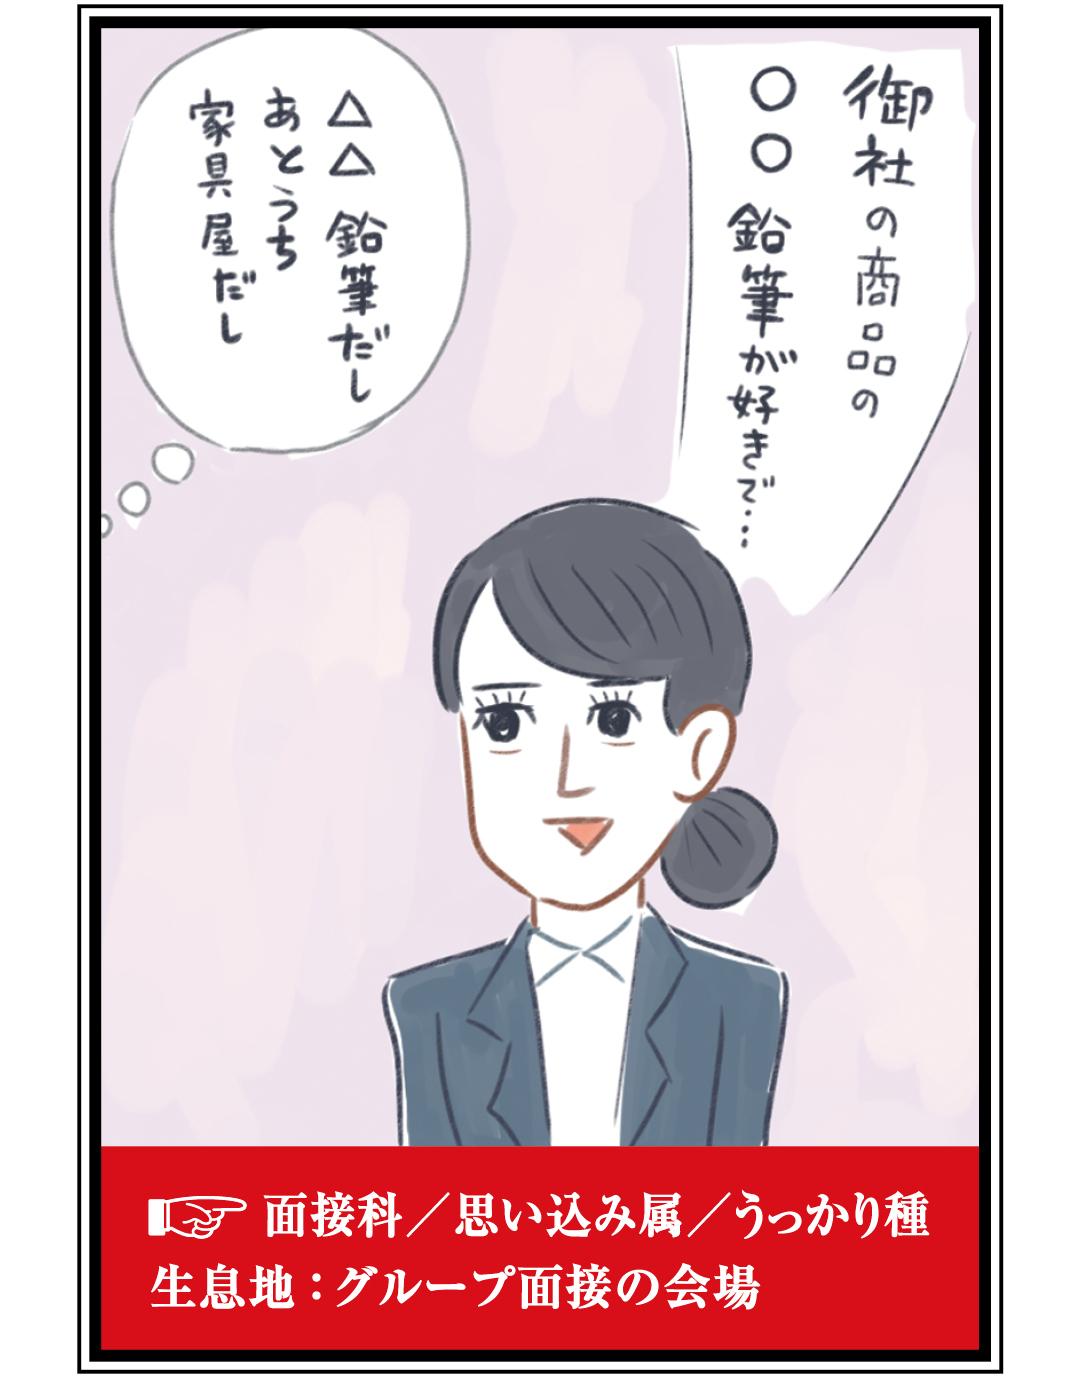 残念就活生図鑑 私のダメ就活編Vol.1_1_4